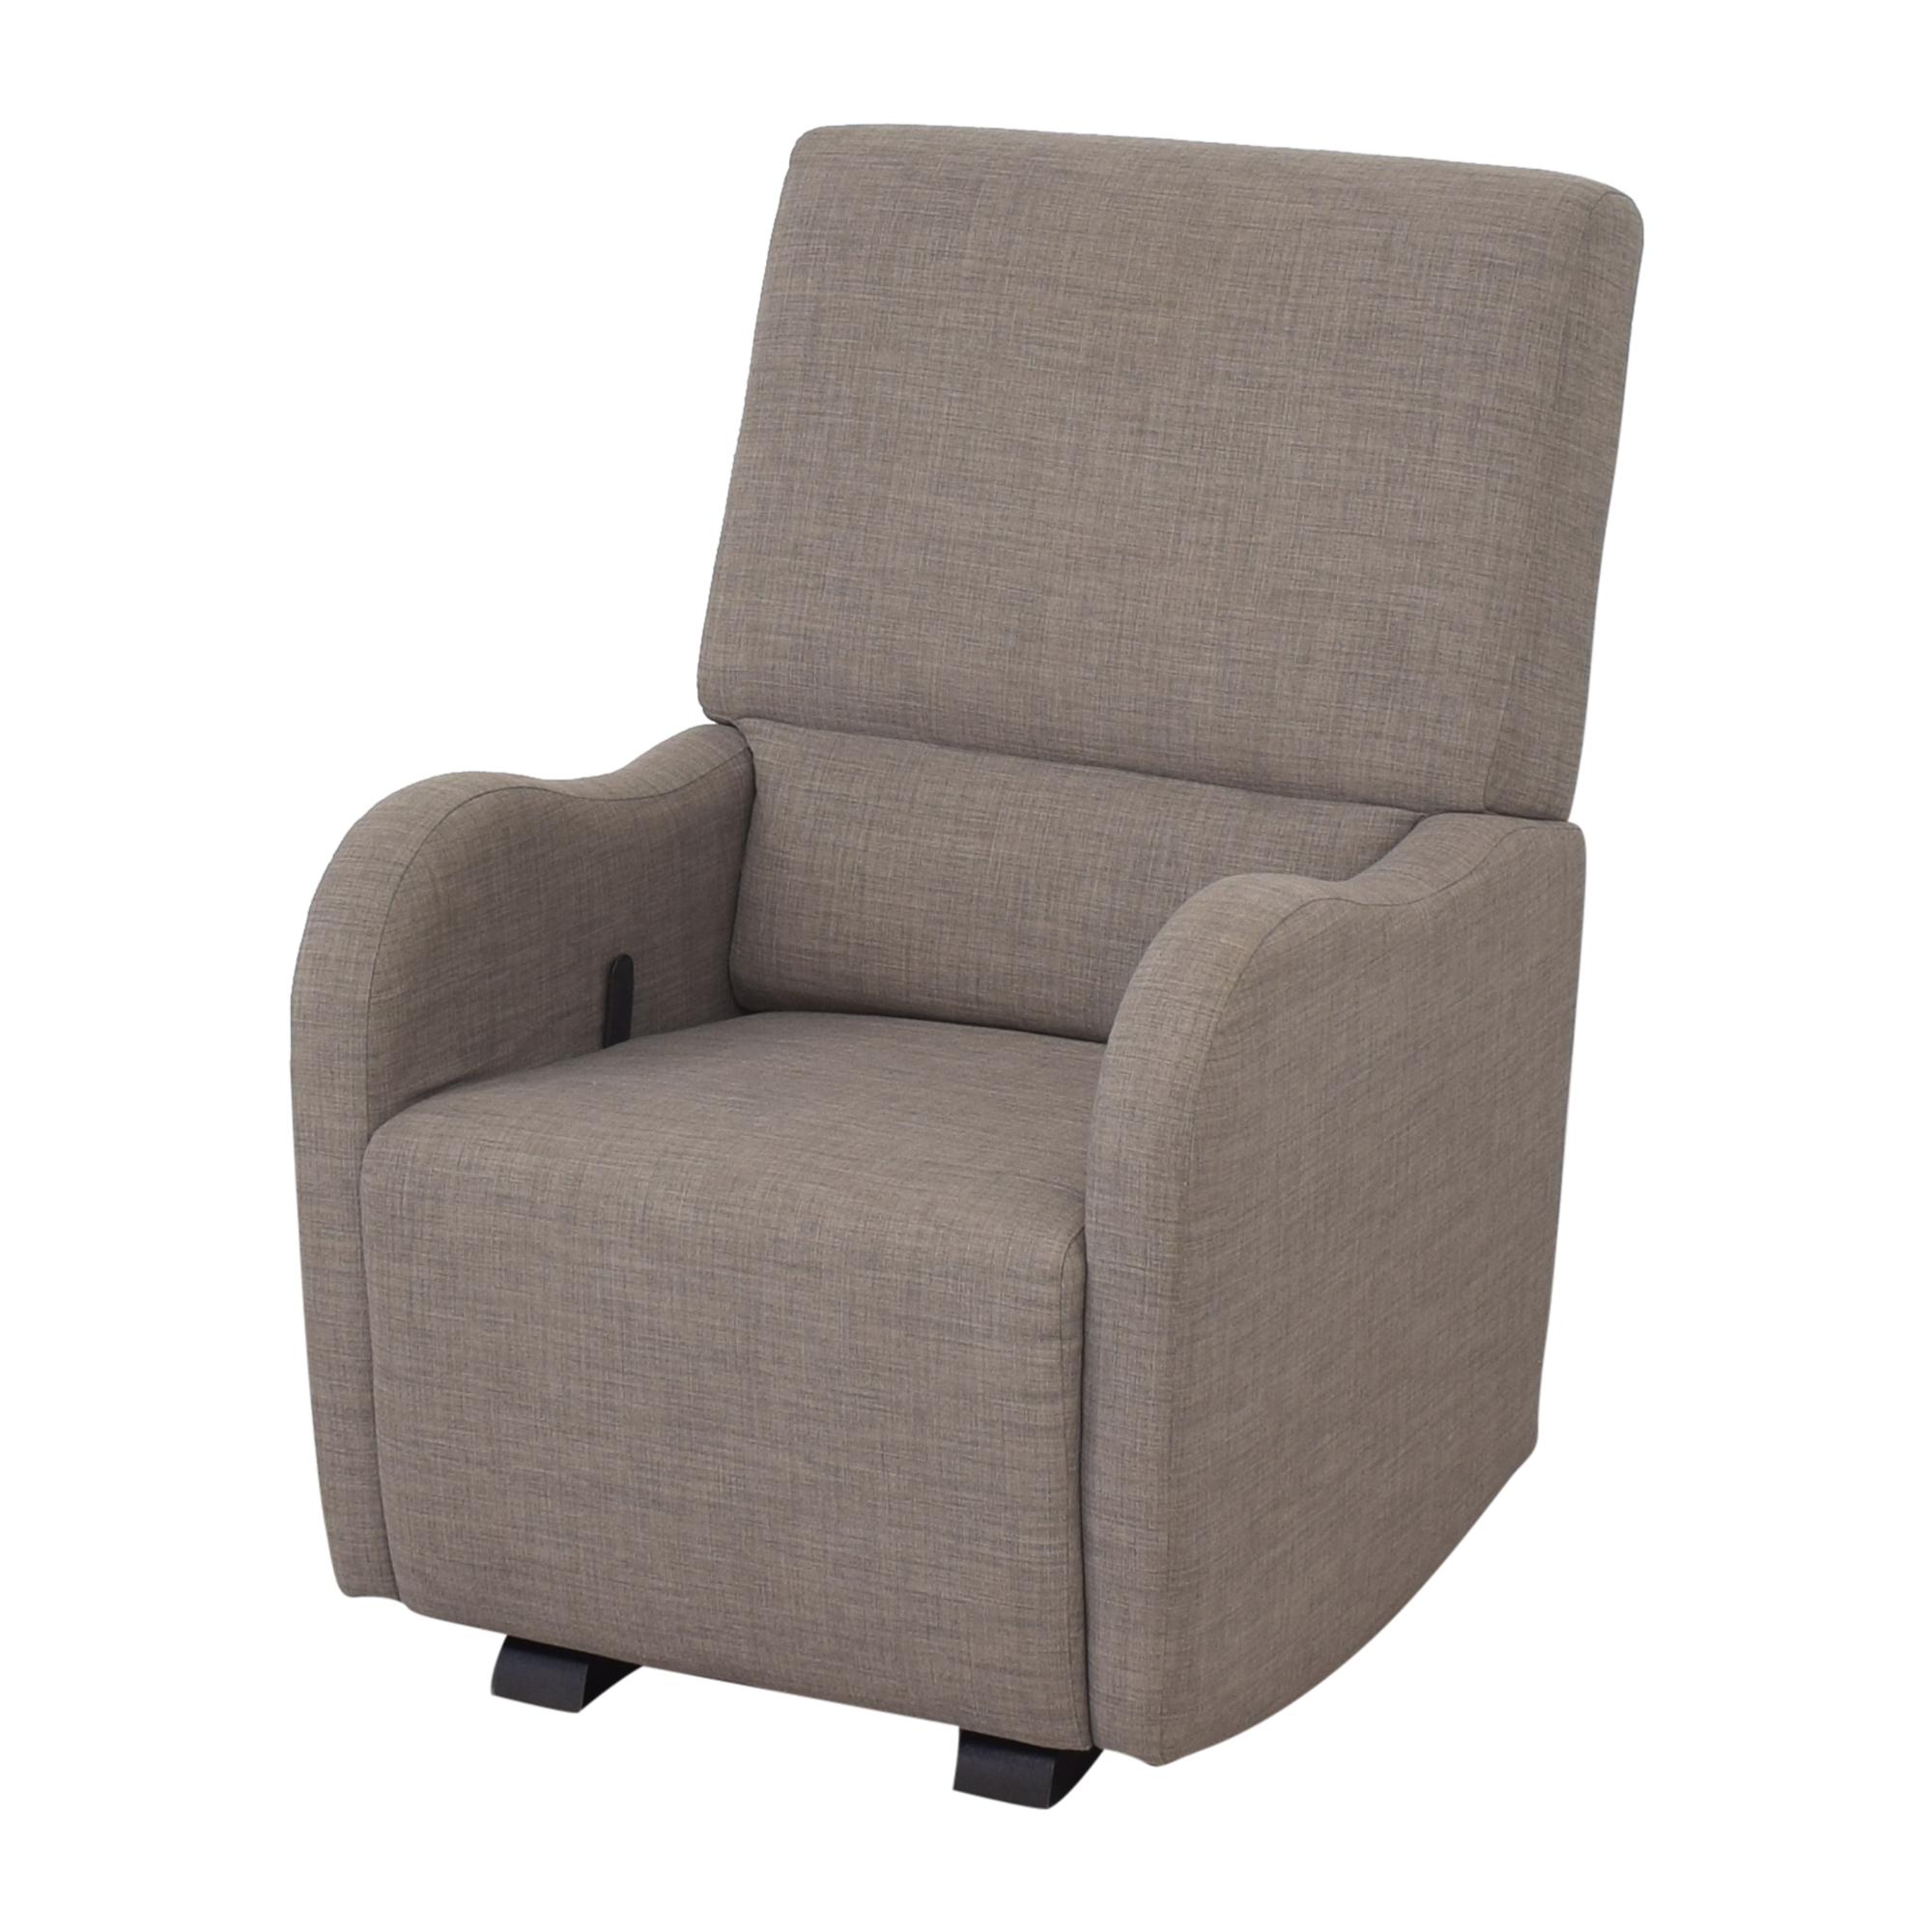 Dutailier Dutailier Verona Glider Chair ct